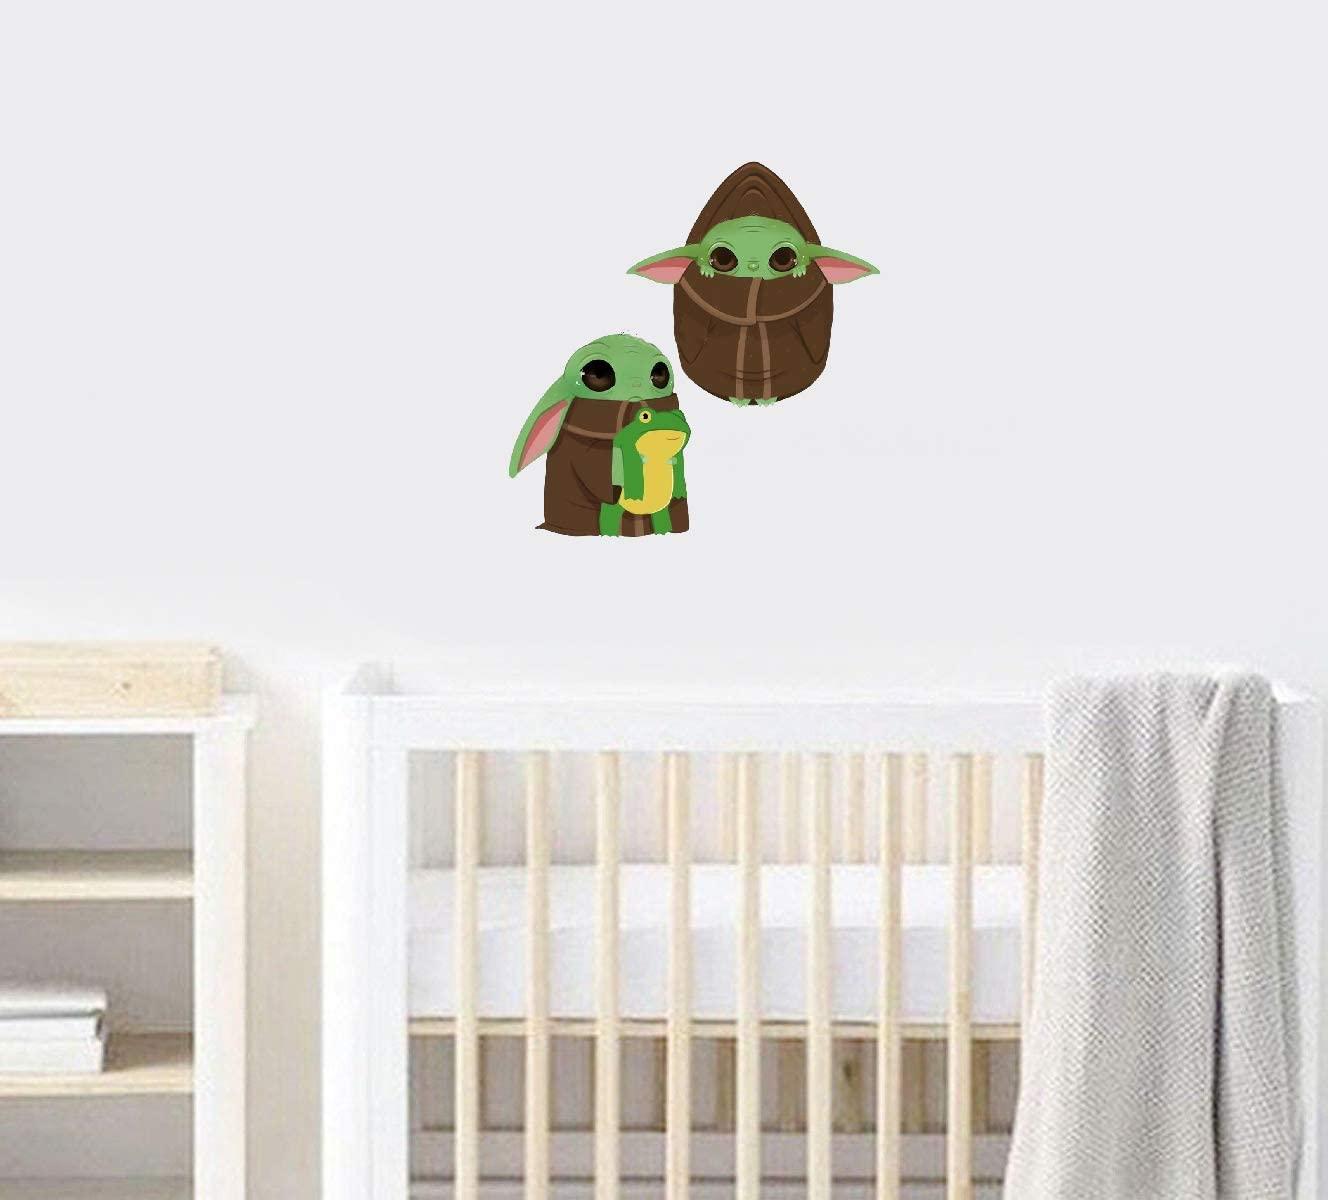 Marydecals Star Wars Baby Yoda Stickers Vinyl Sticker Home Kids Room Design Nursery Ideas Art